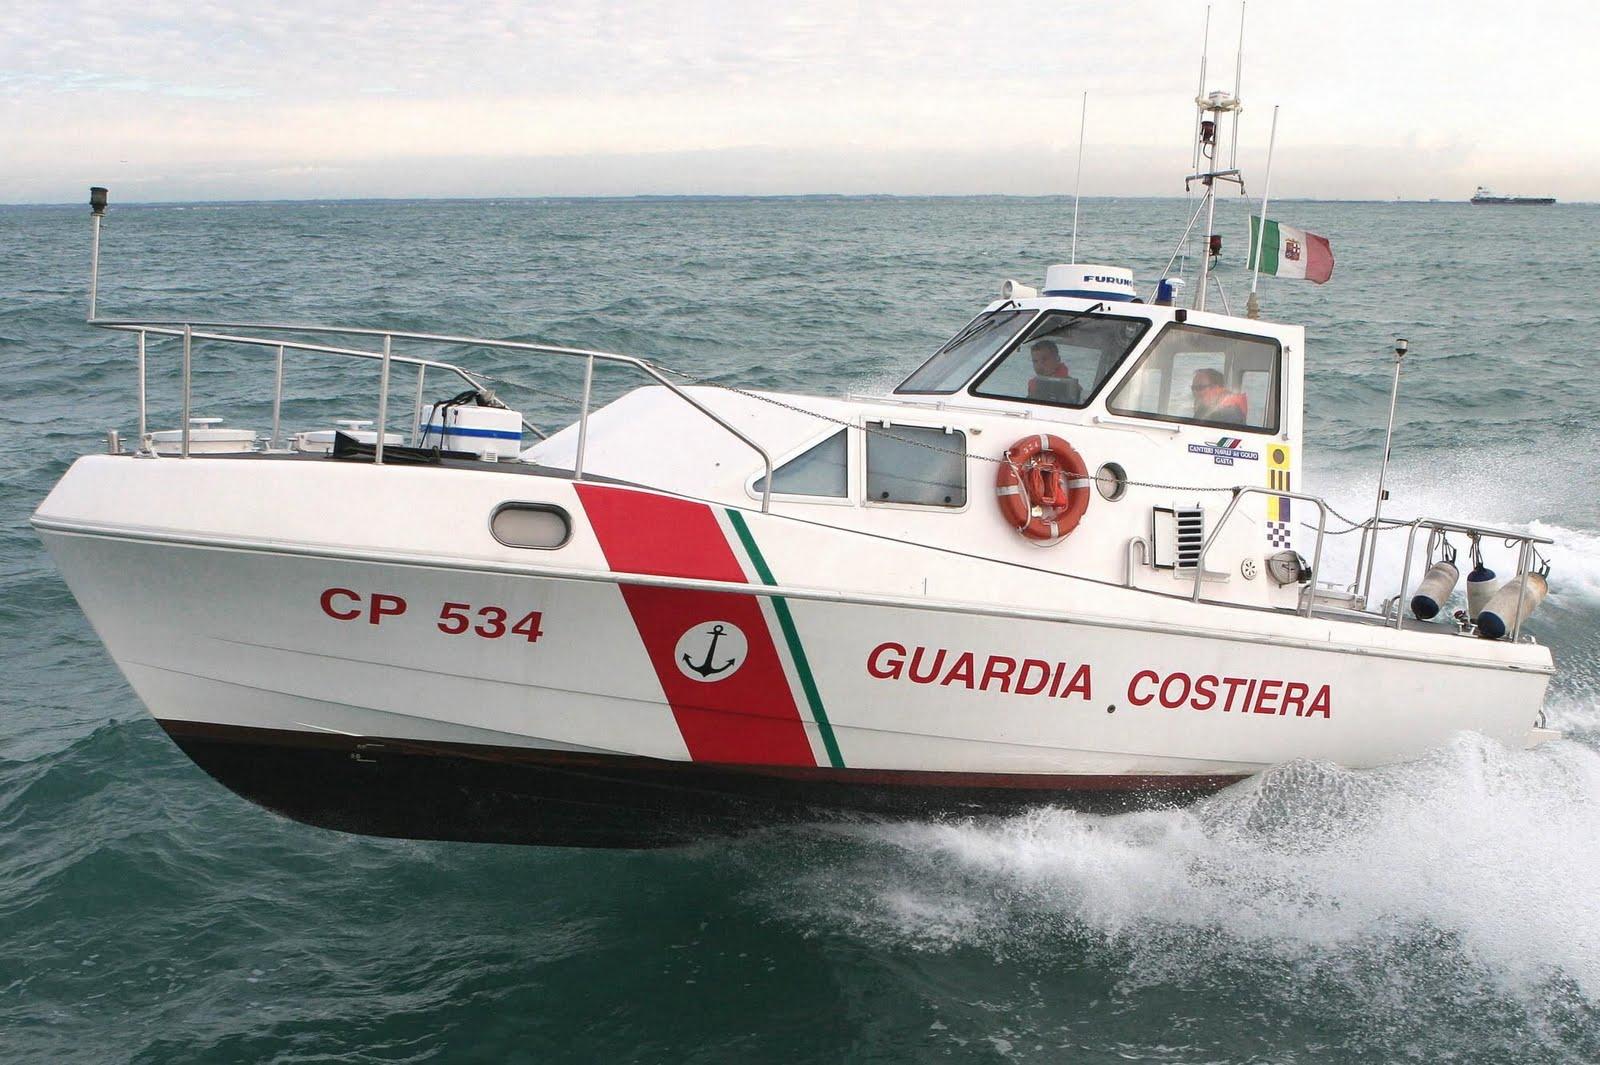 Tragedia di Capodanno, morto in mare trovato ad Isola delle Femmine